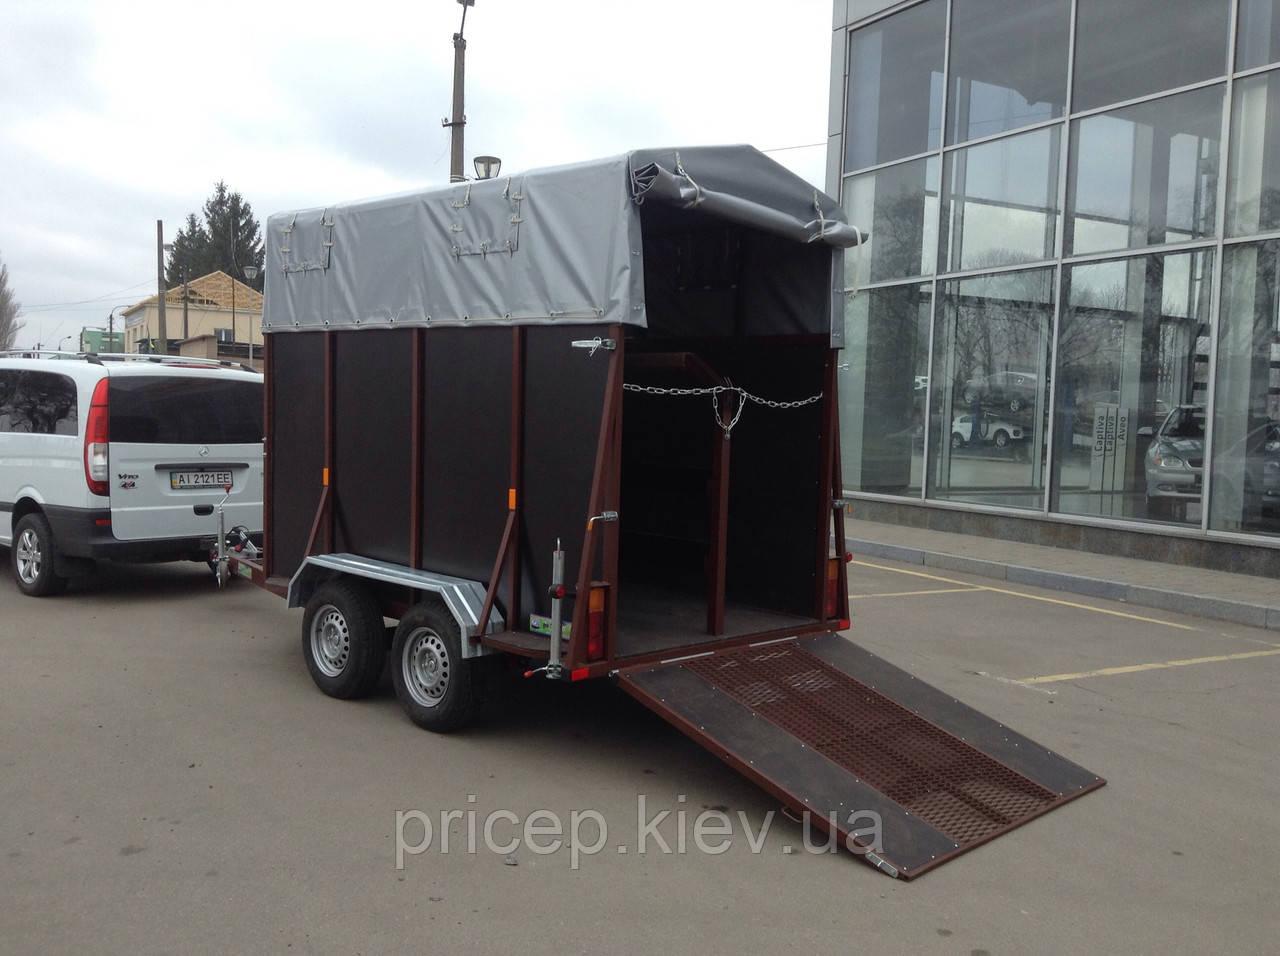 Причіп для транспортування коней 3,8 м х 1,6 м. Ресорний. Гальма.